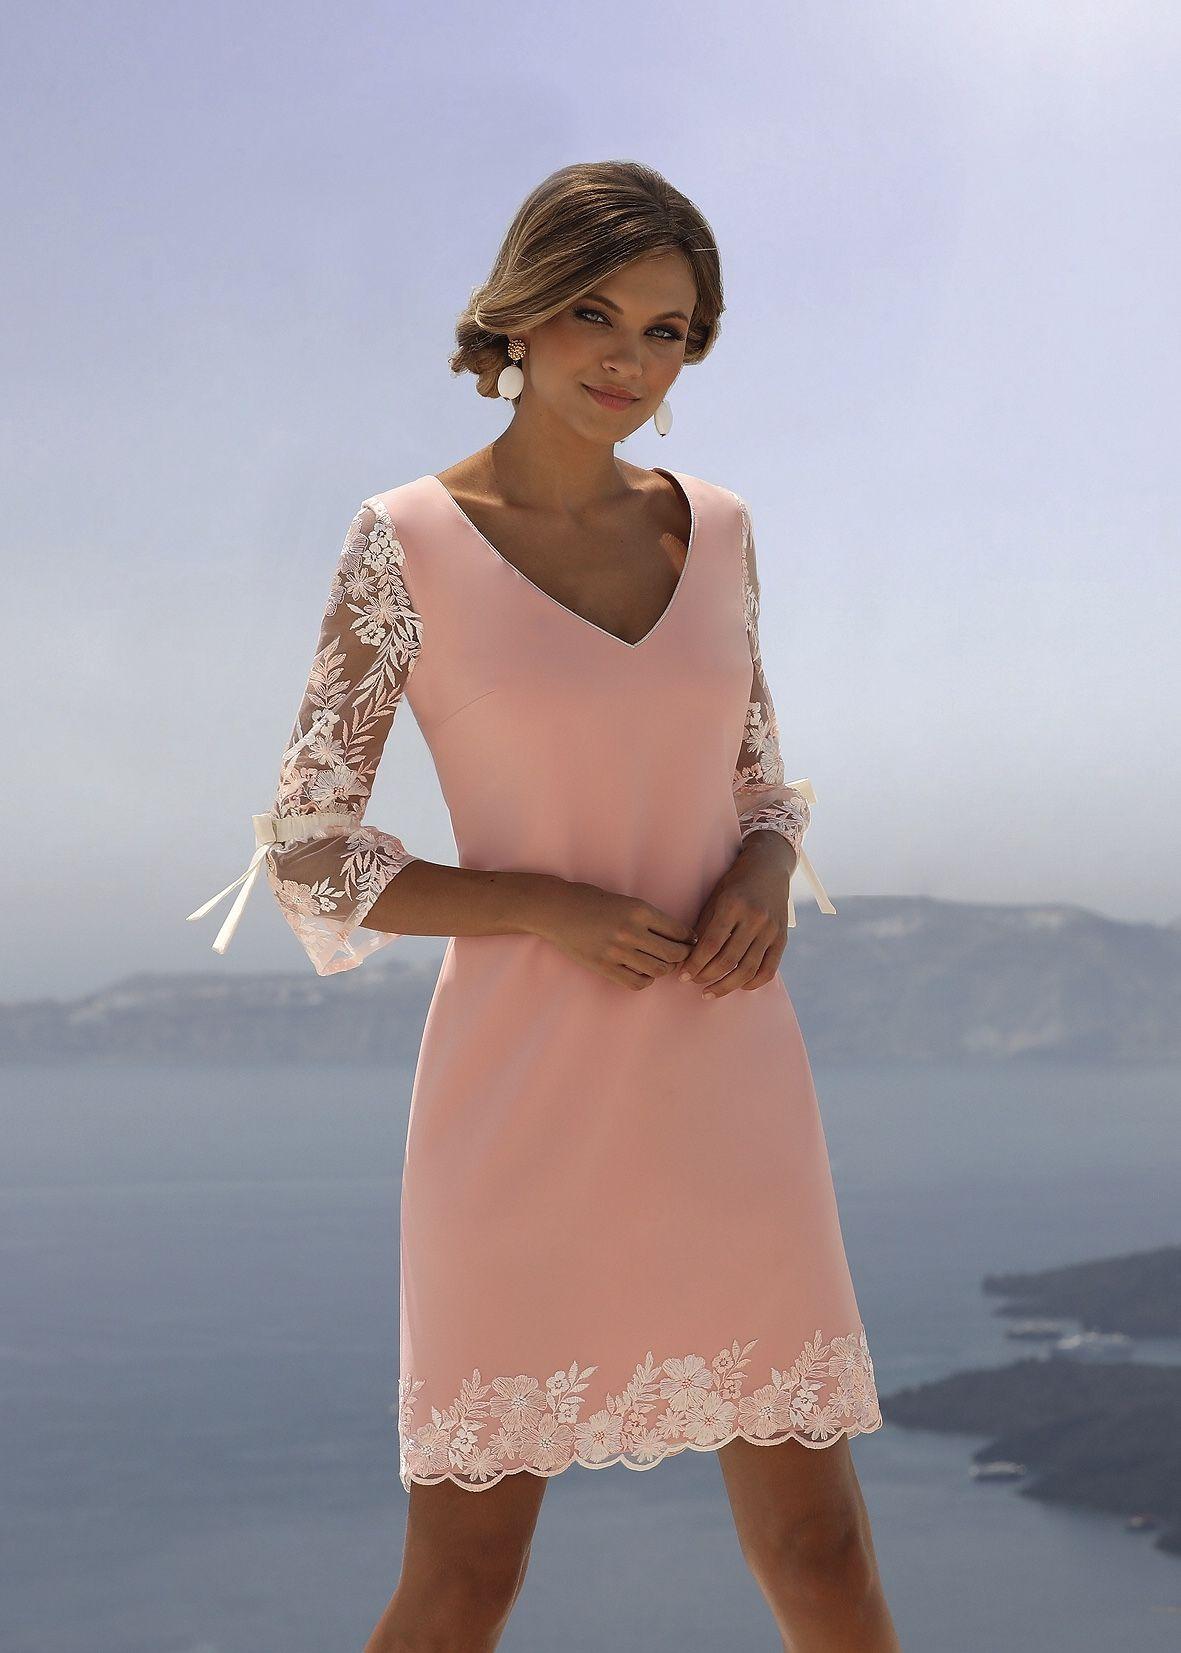 Linea Raffaelli S9-Set 9 Santorini Collection which is perfect